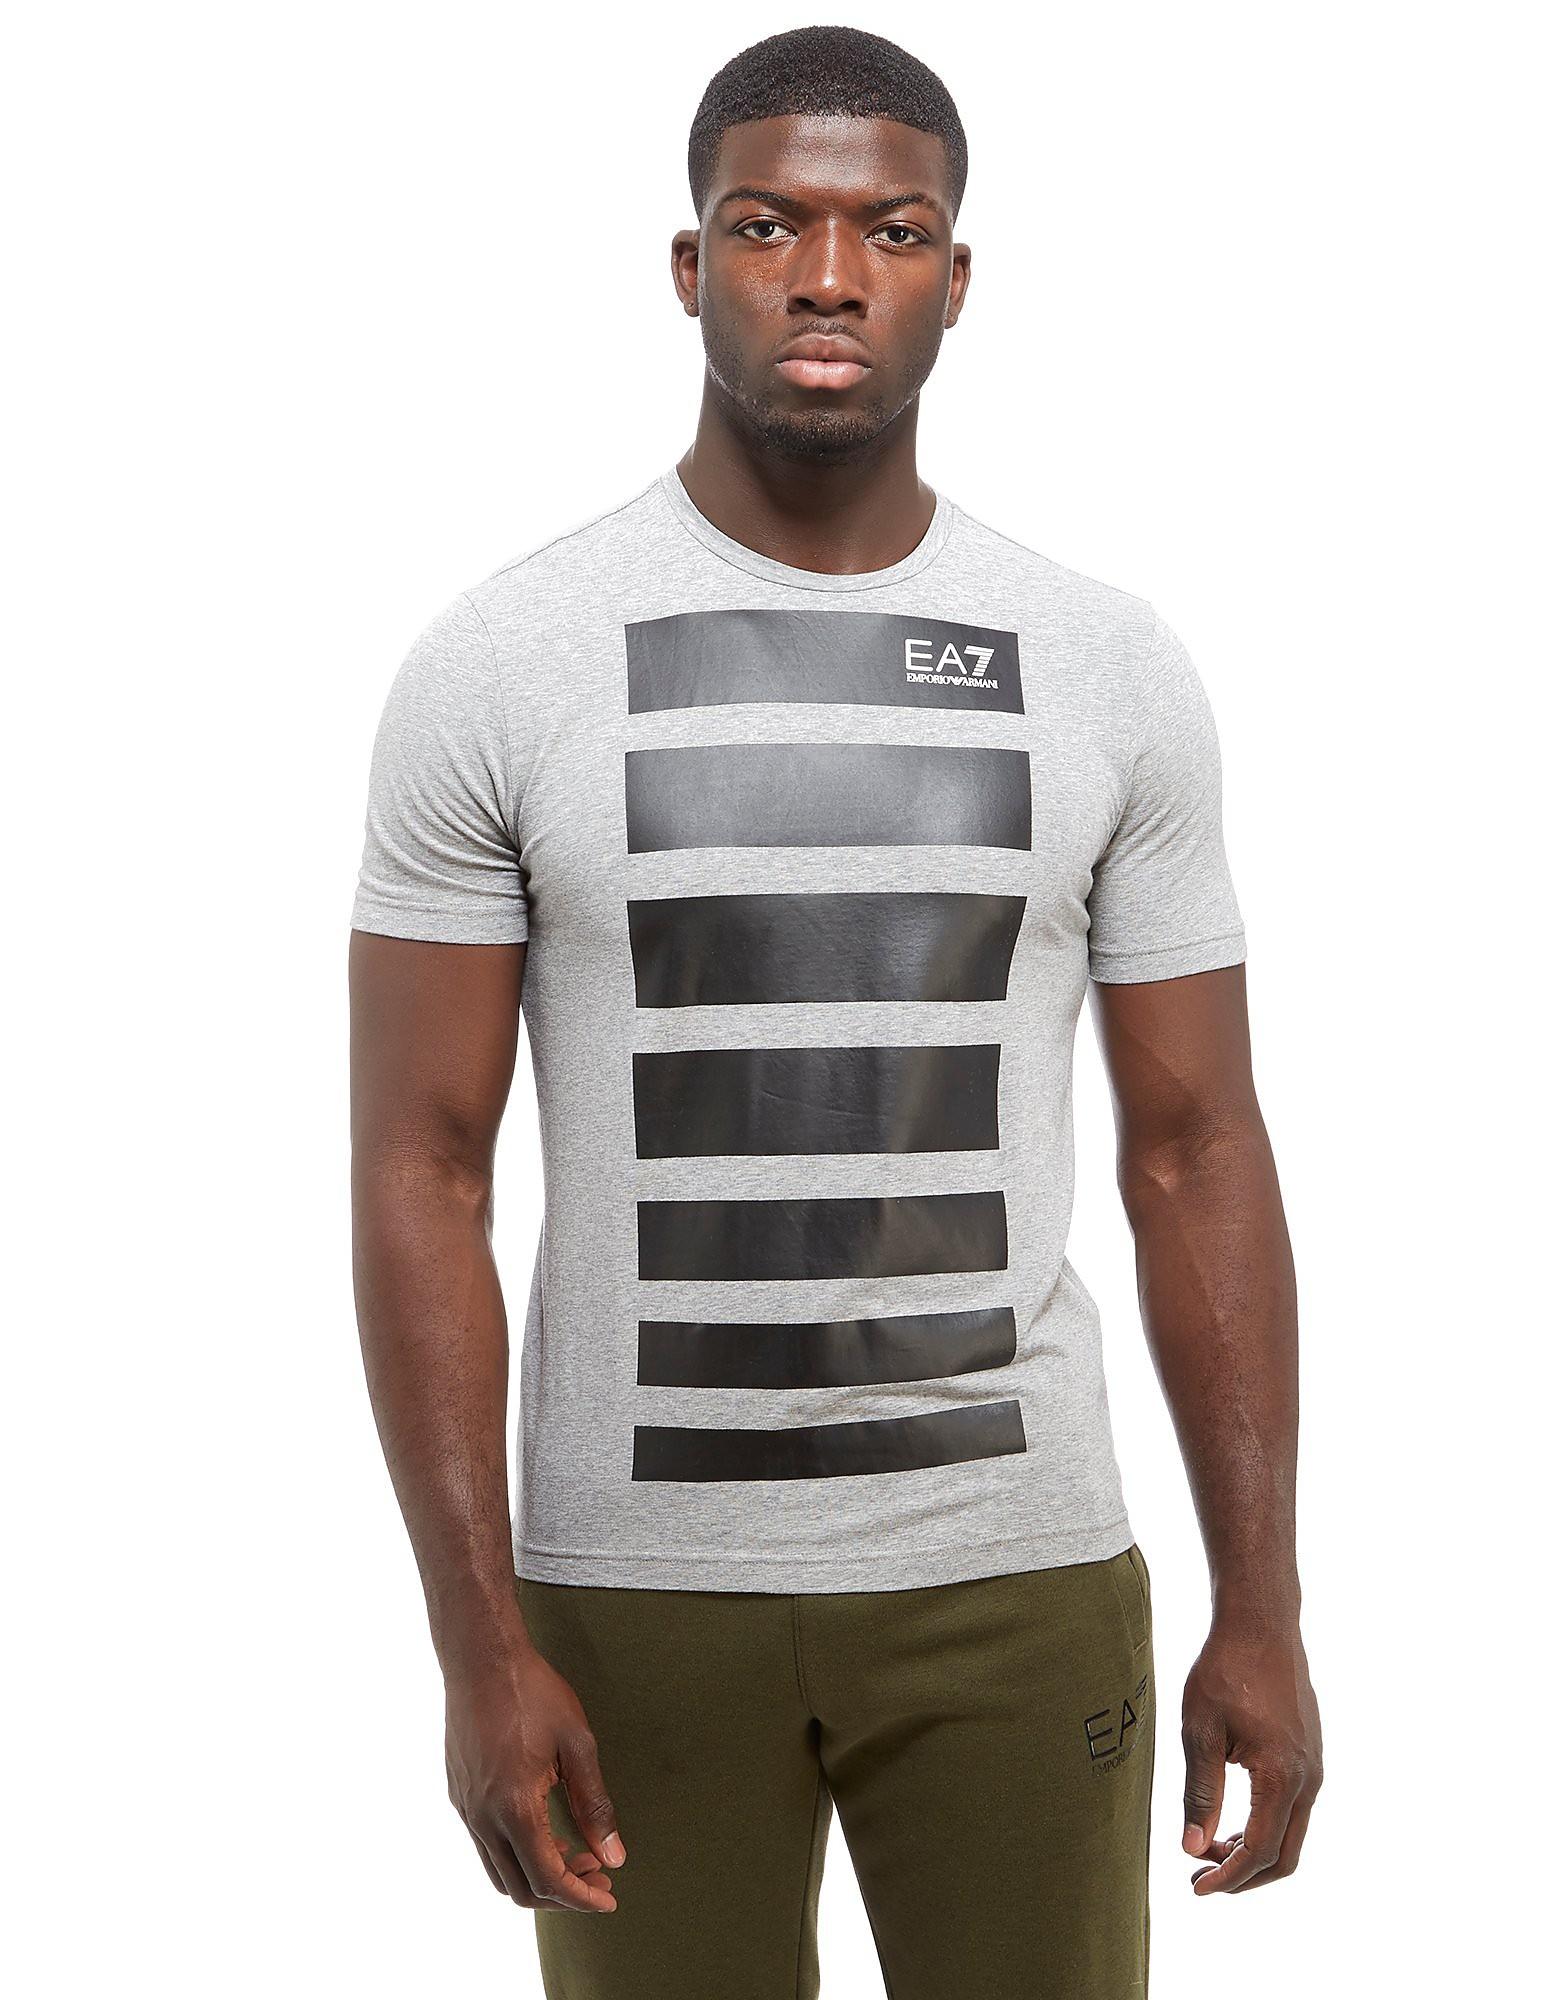 Emporio Armani EA7 7 Lines T-Shirt